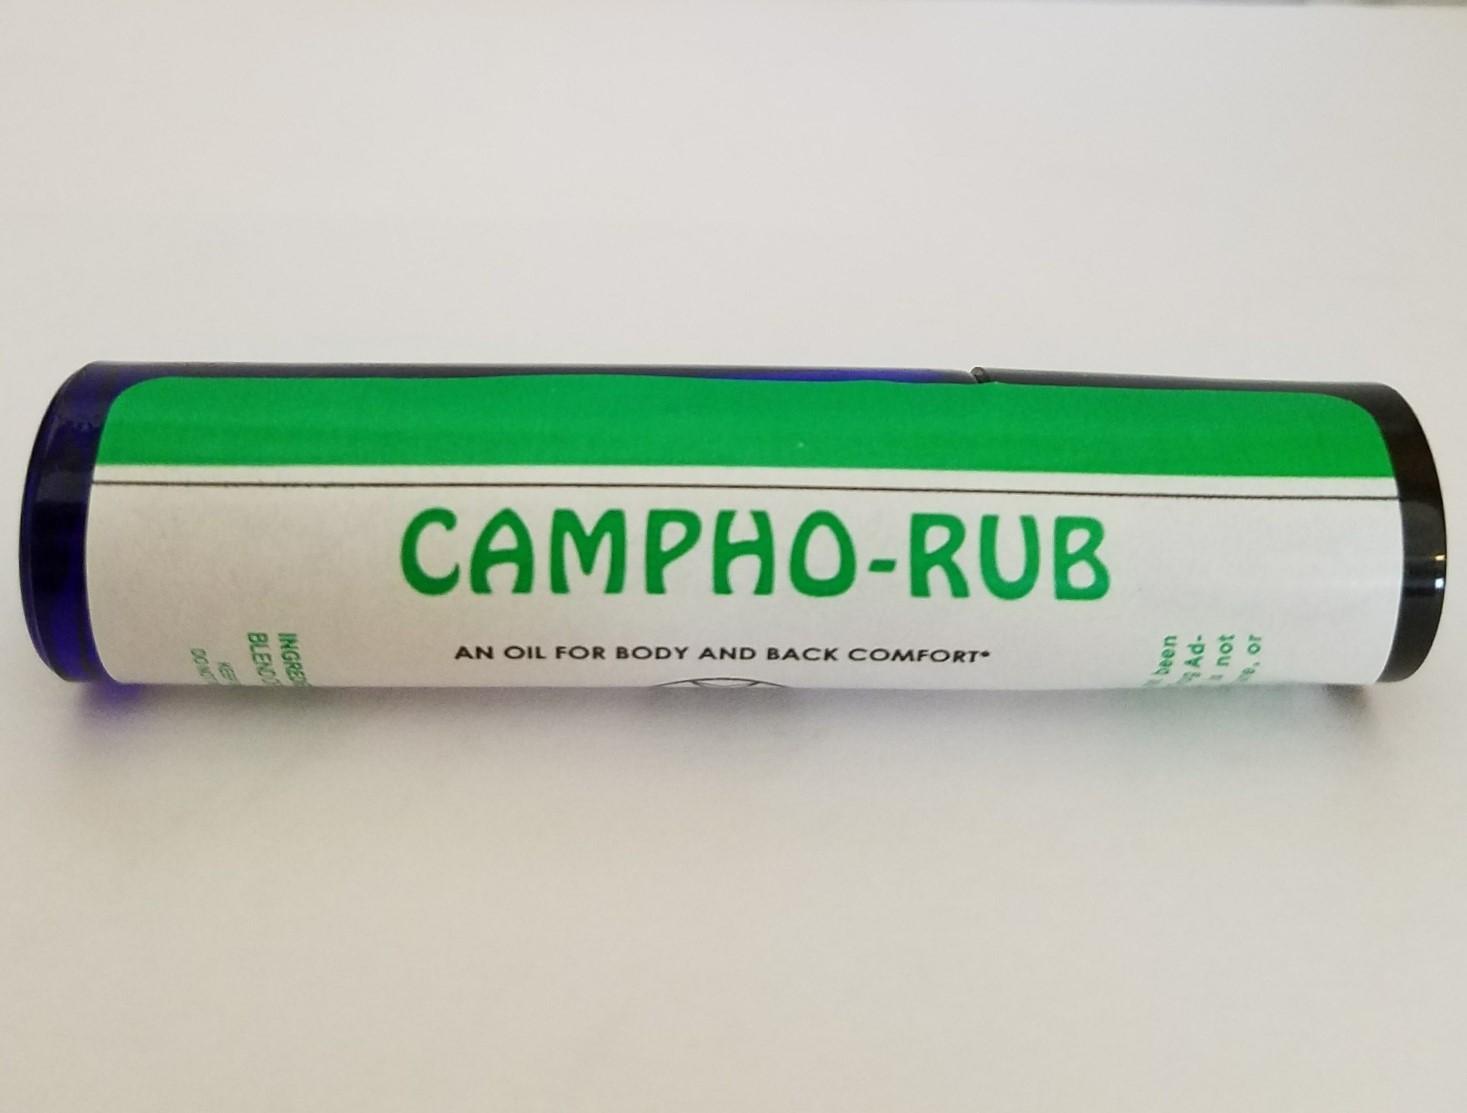 Campho-Rub To Go